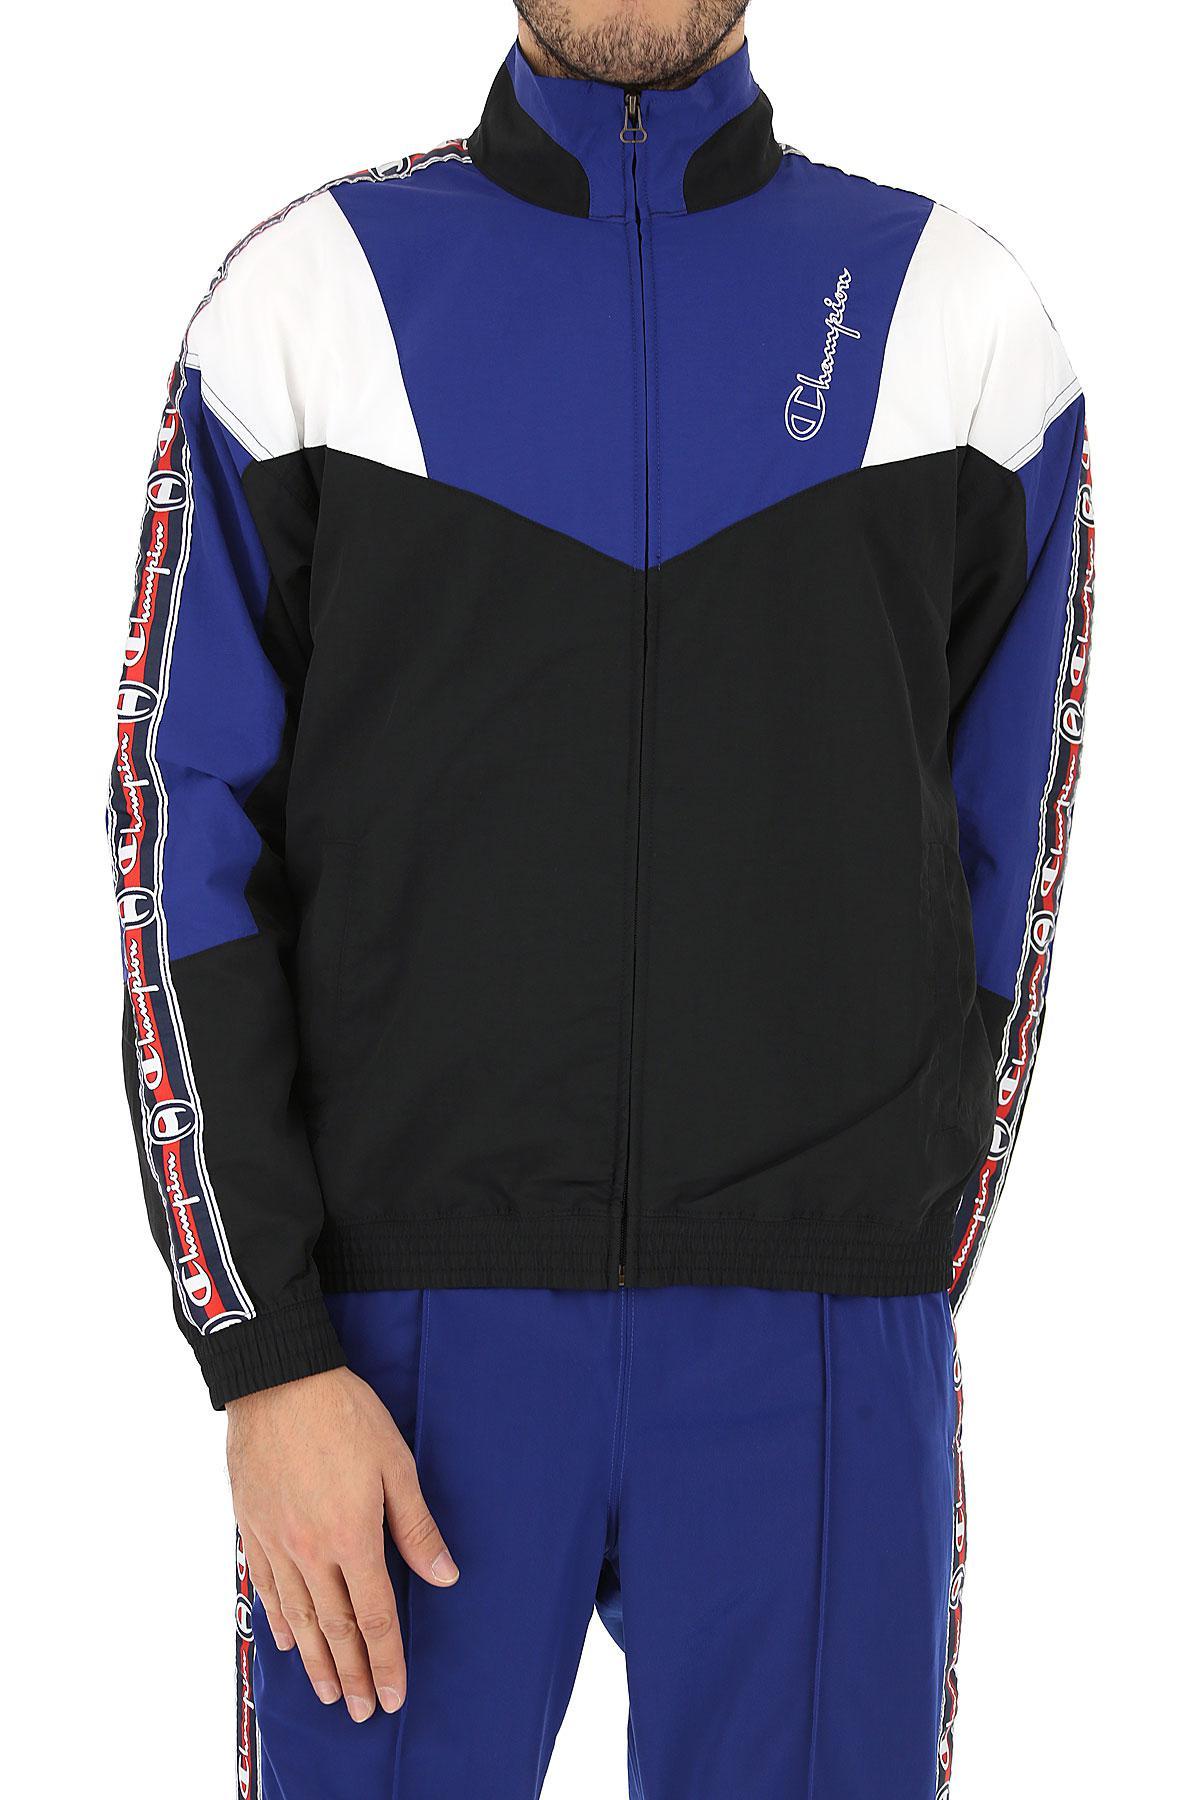 d123469a0ba Lyst - Vêtement Homme pour entraînement de Gym et Jogging Pas cher ...